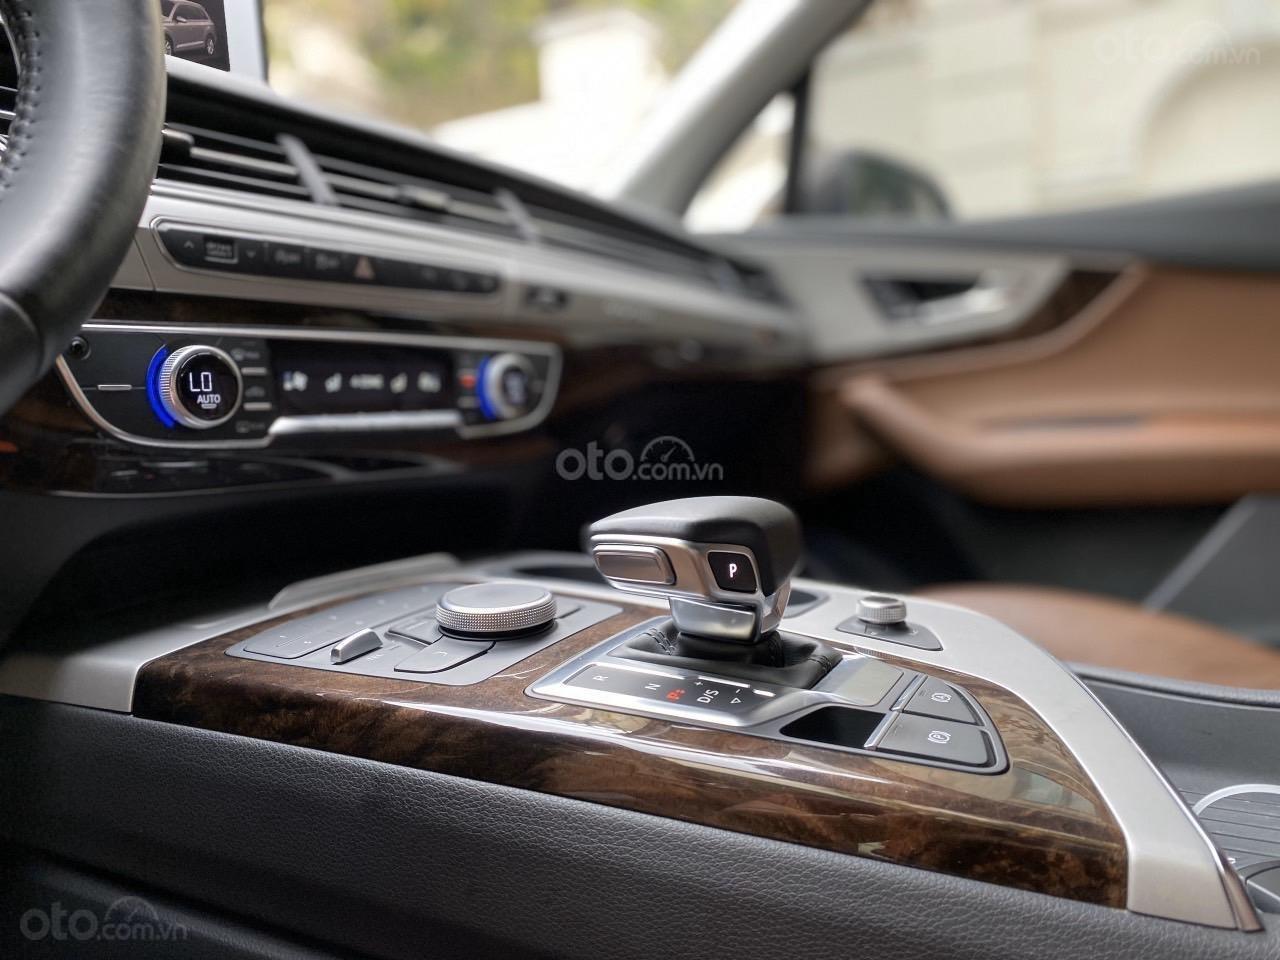 Cần bán chiếc xe Audi Q7 3.0, đời 2017, màu nâu (4)